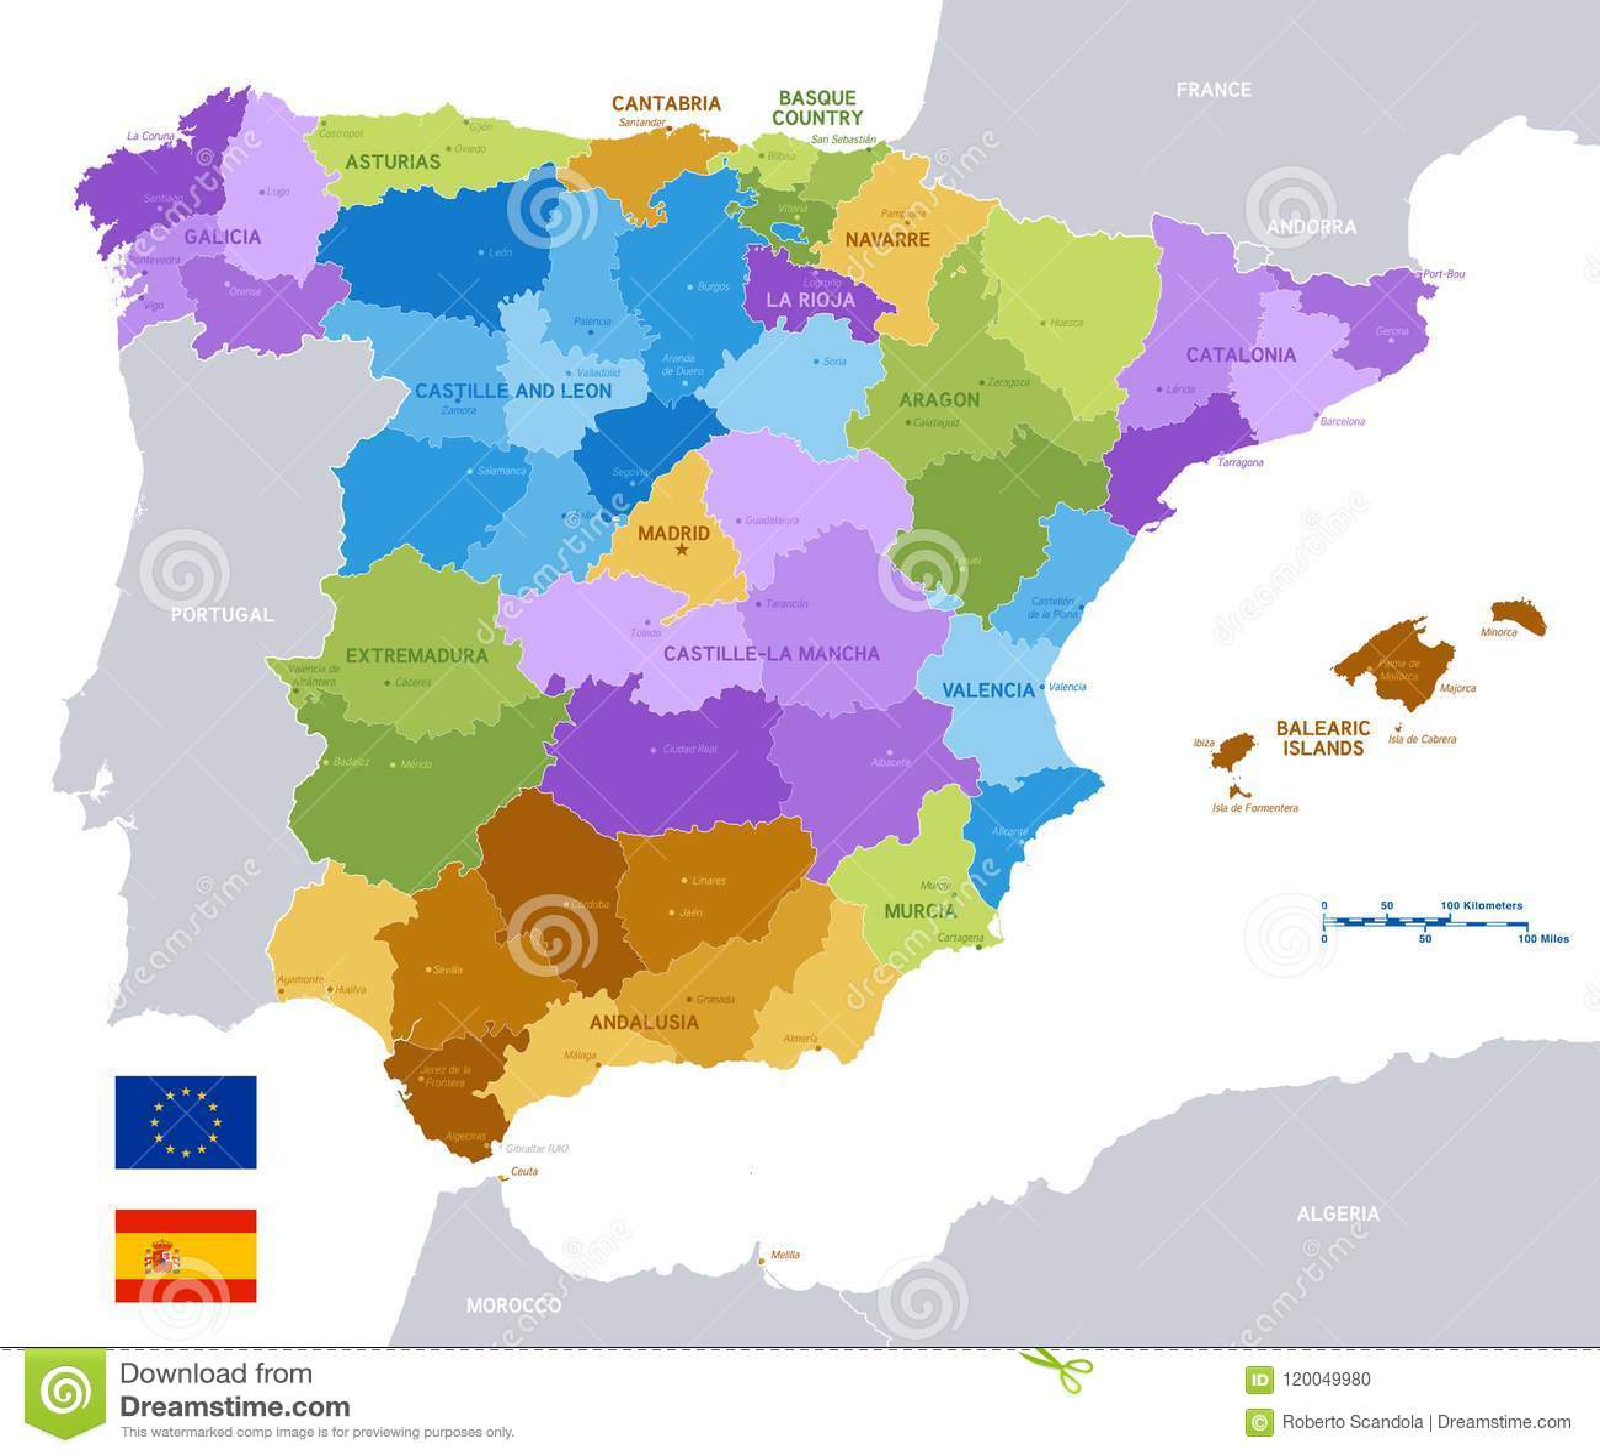 Cartina Amministrativa Spagna.Mappa Amministrativa Variopinta Di Vettore Della Spagna Illustrazione Vettoriale Illustrazione Di Spagna Variopinta 120049980